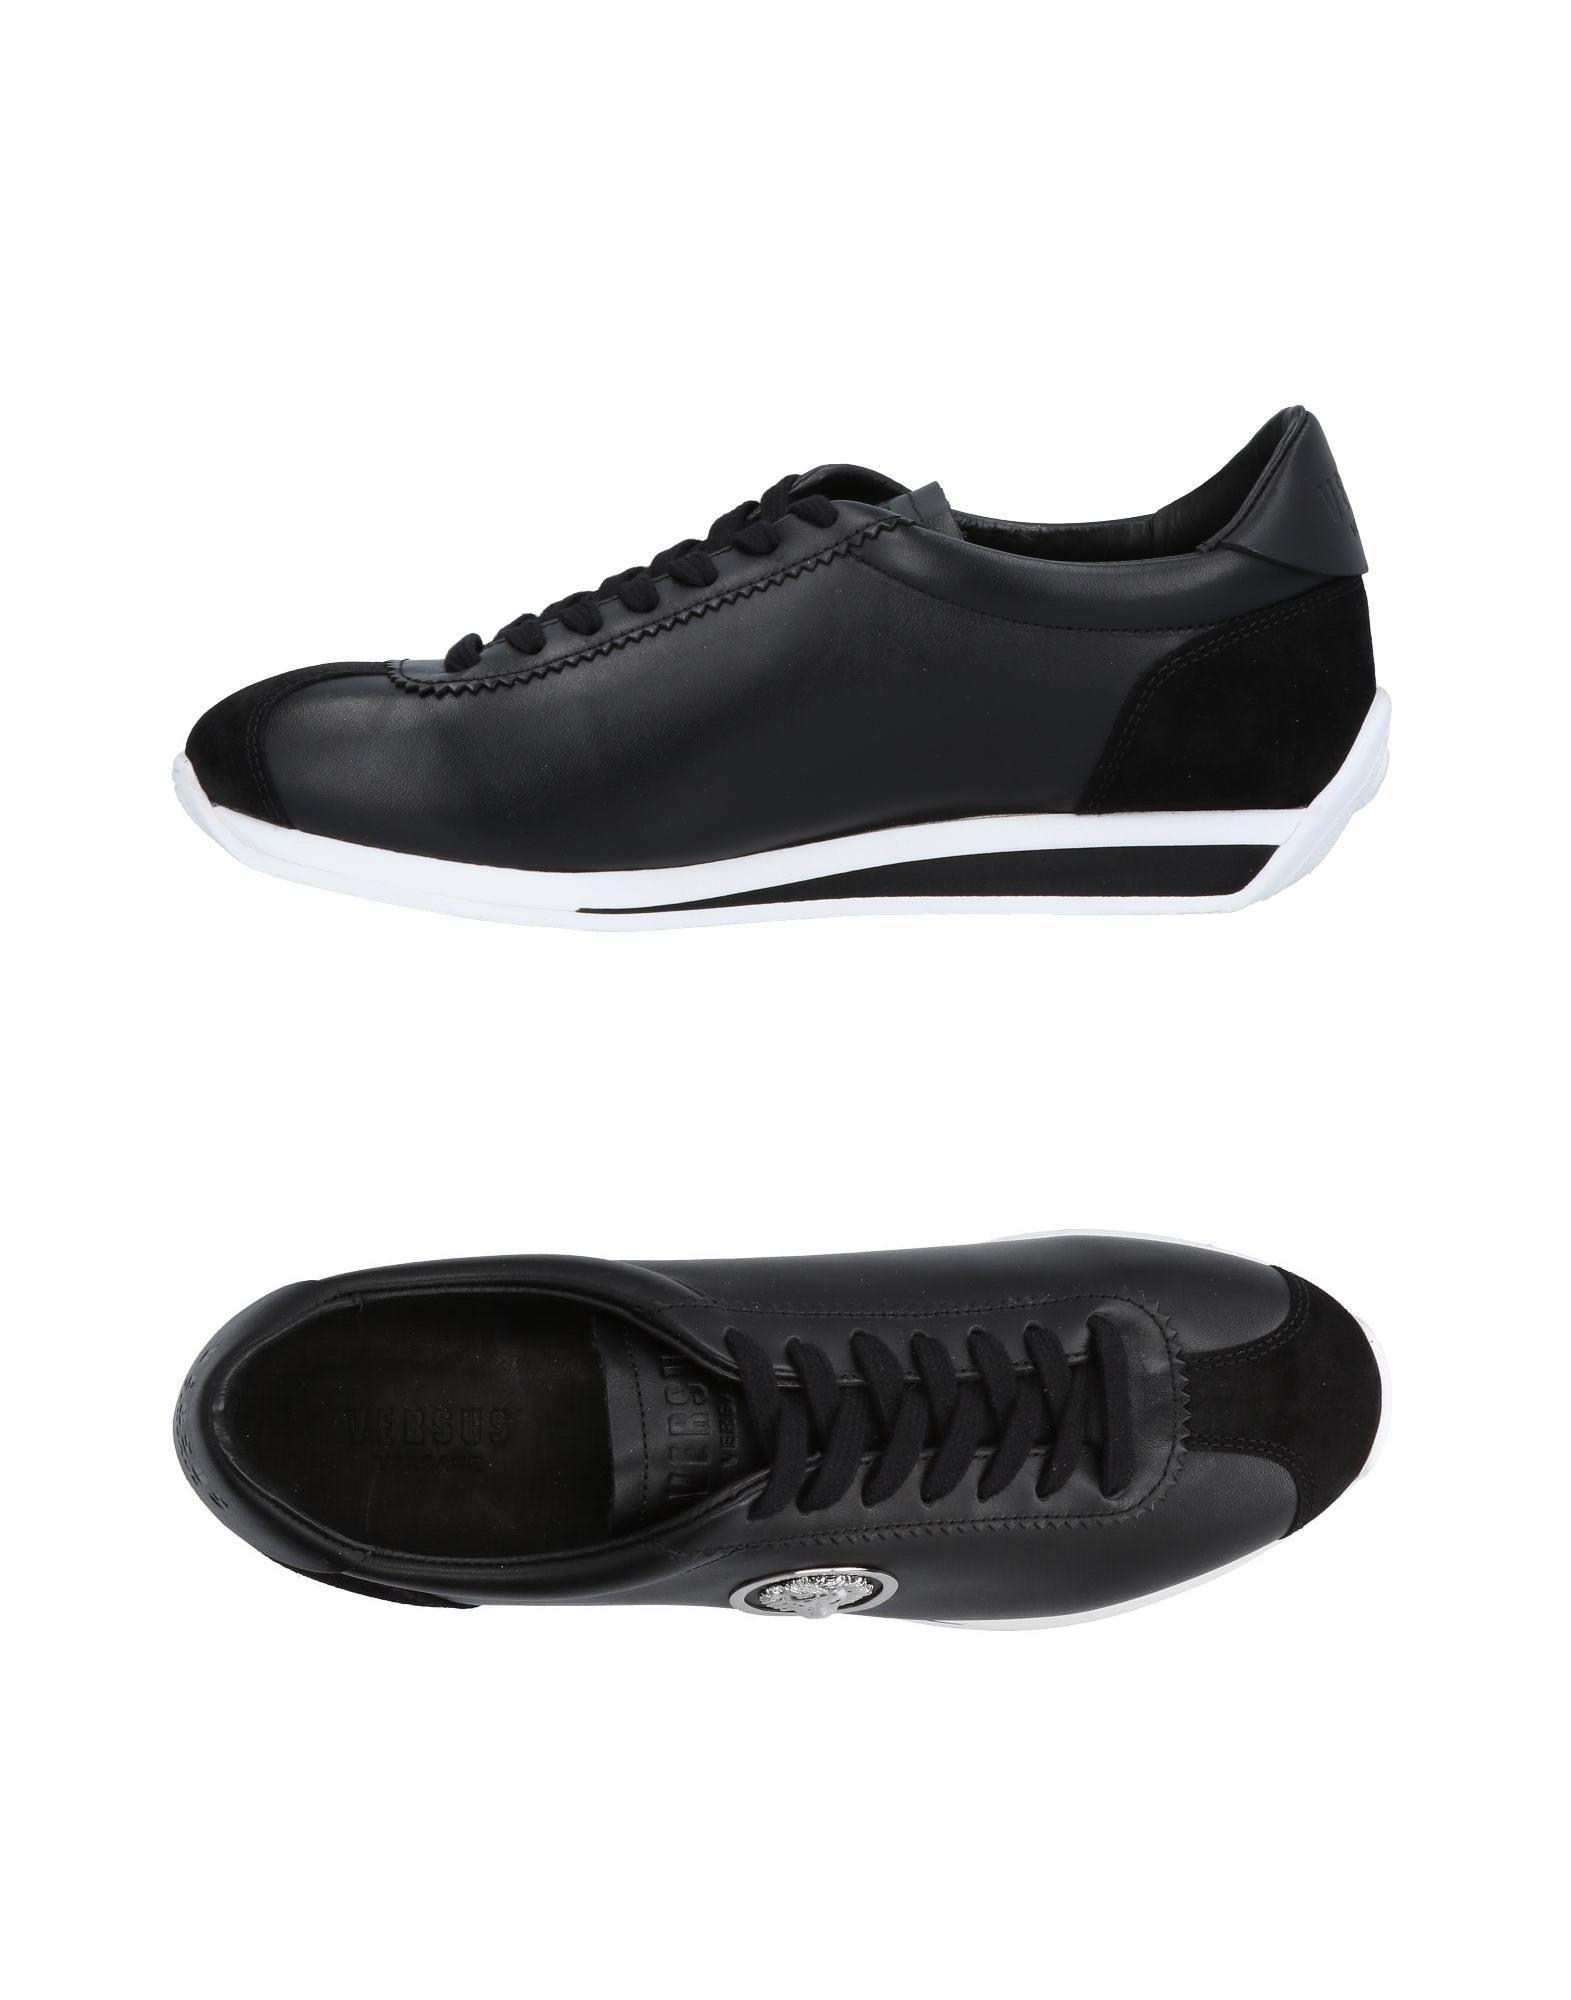 Versus Versace Sneakers Herren  11463751VR Gute Qualität beliebte Schuhe